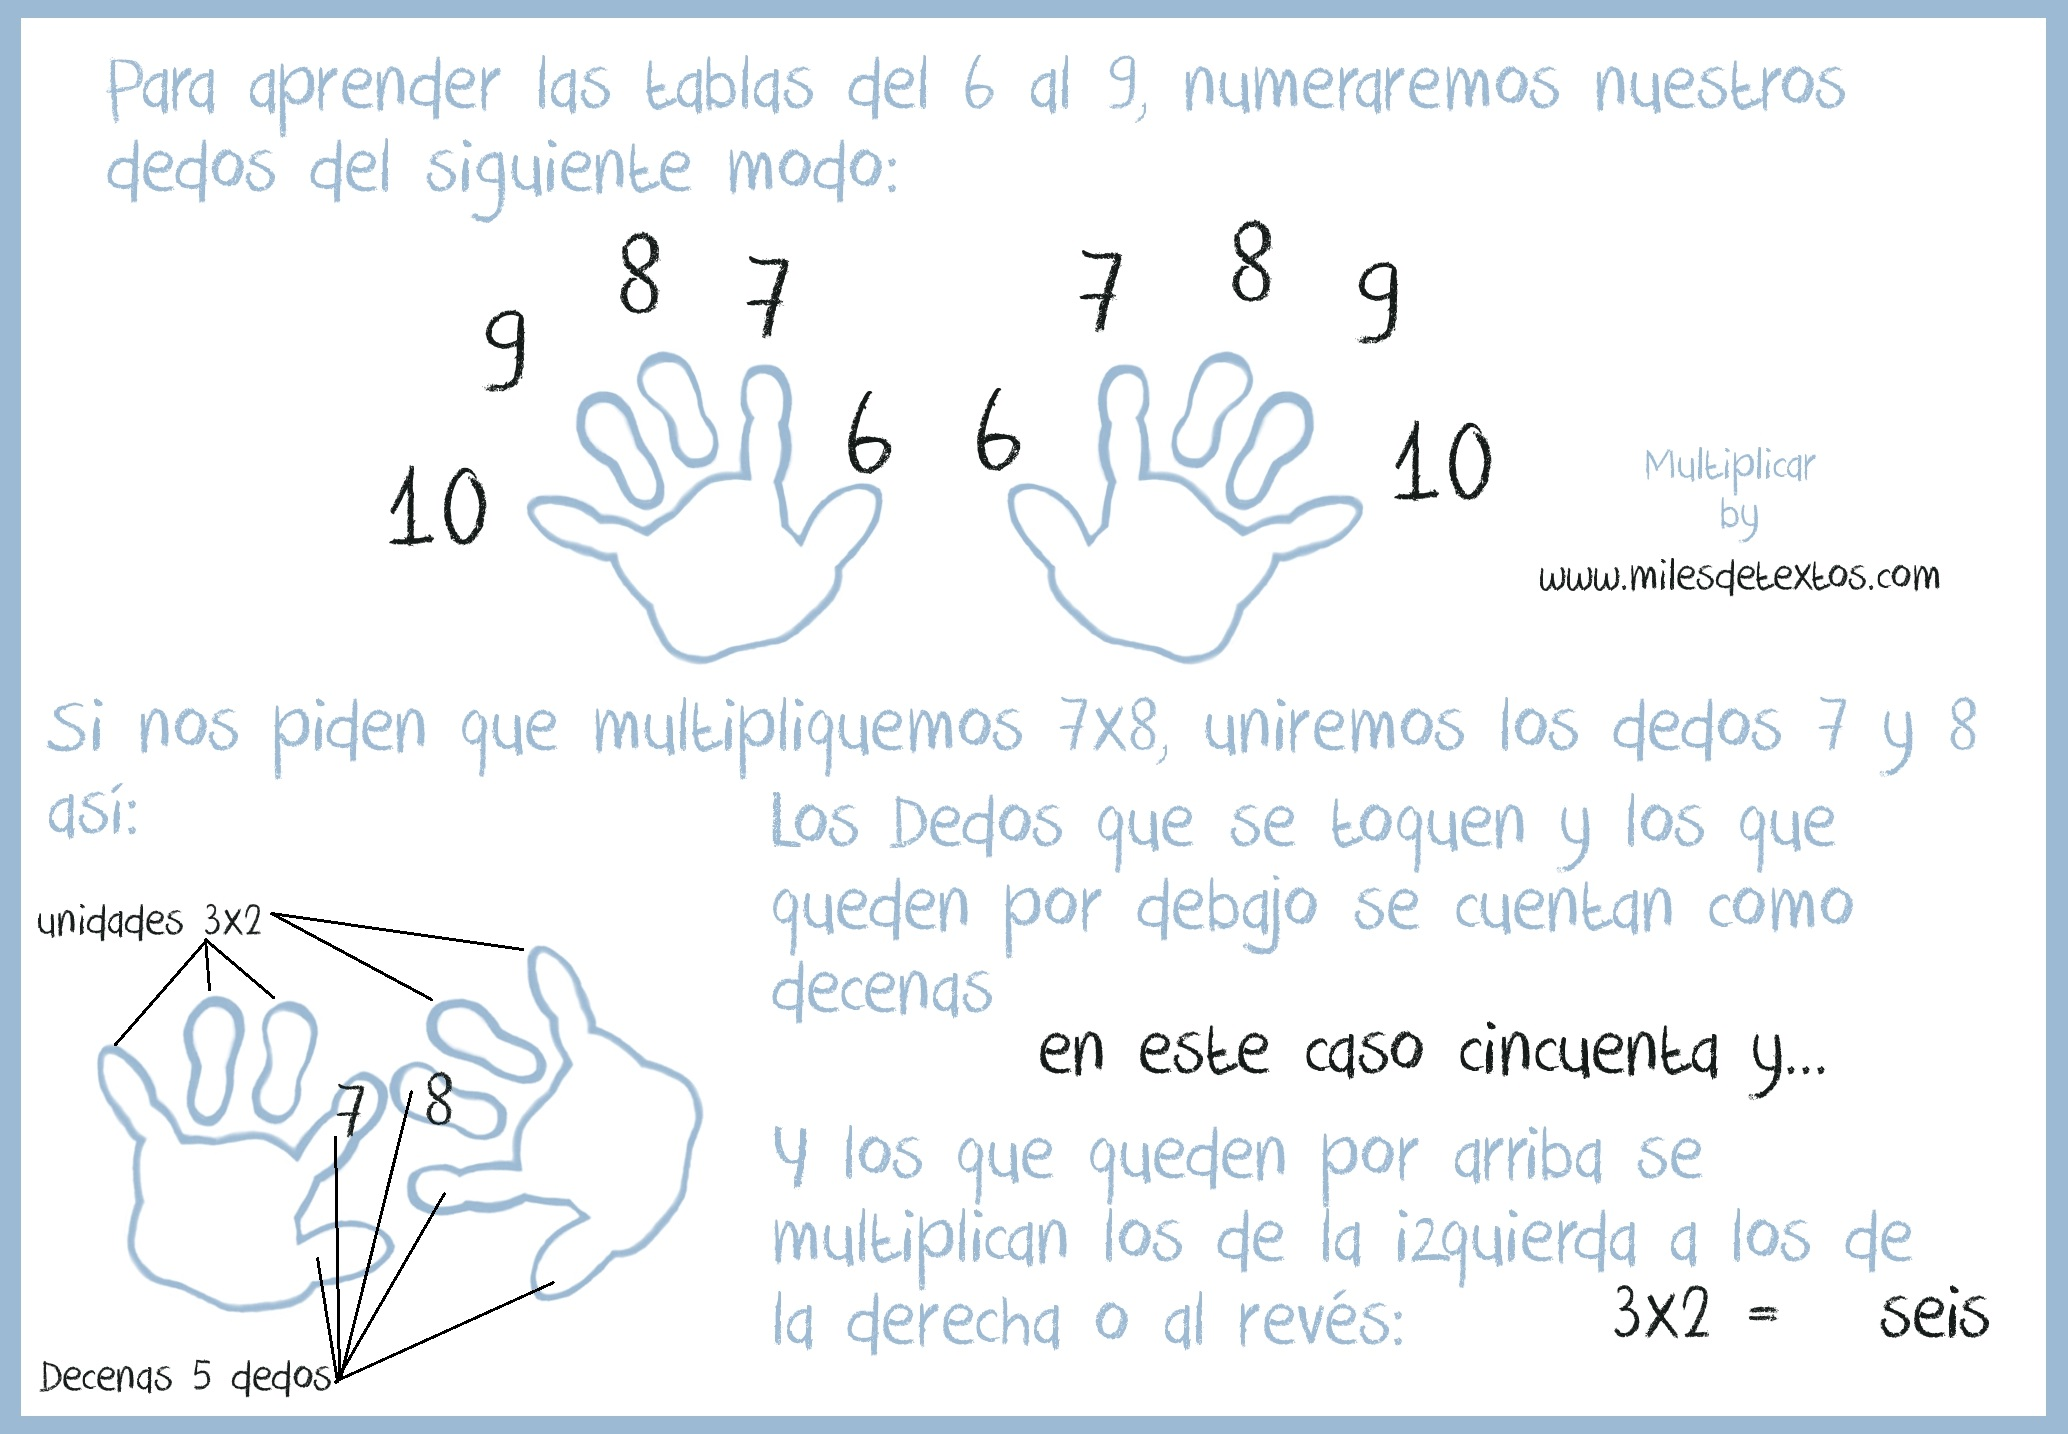 multiplicar by www.milesdetextos.com. Explicación TRUCO